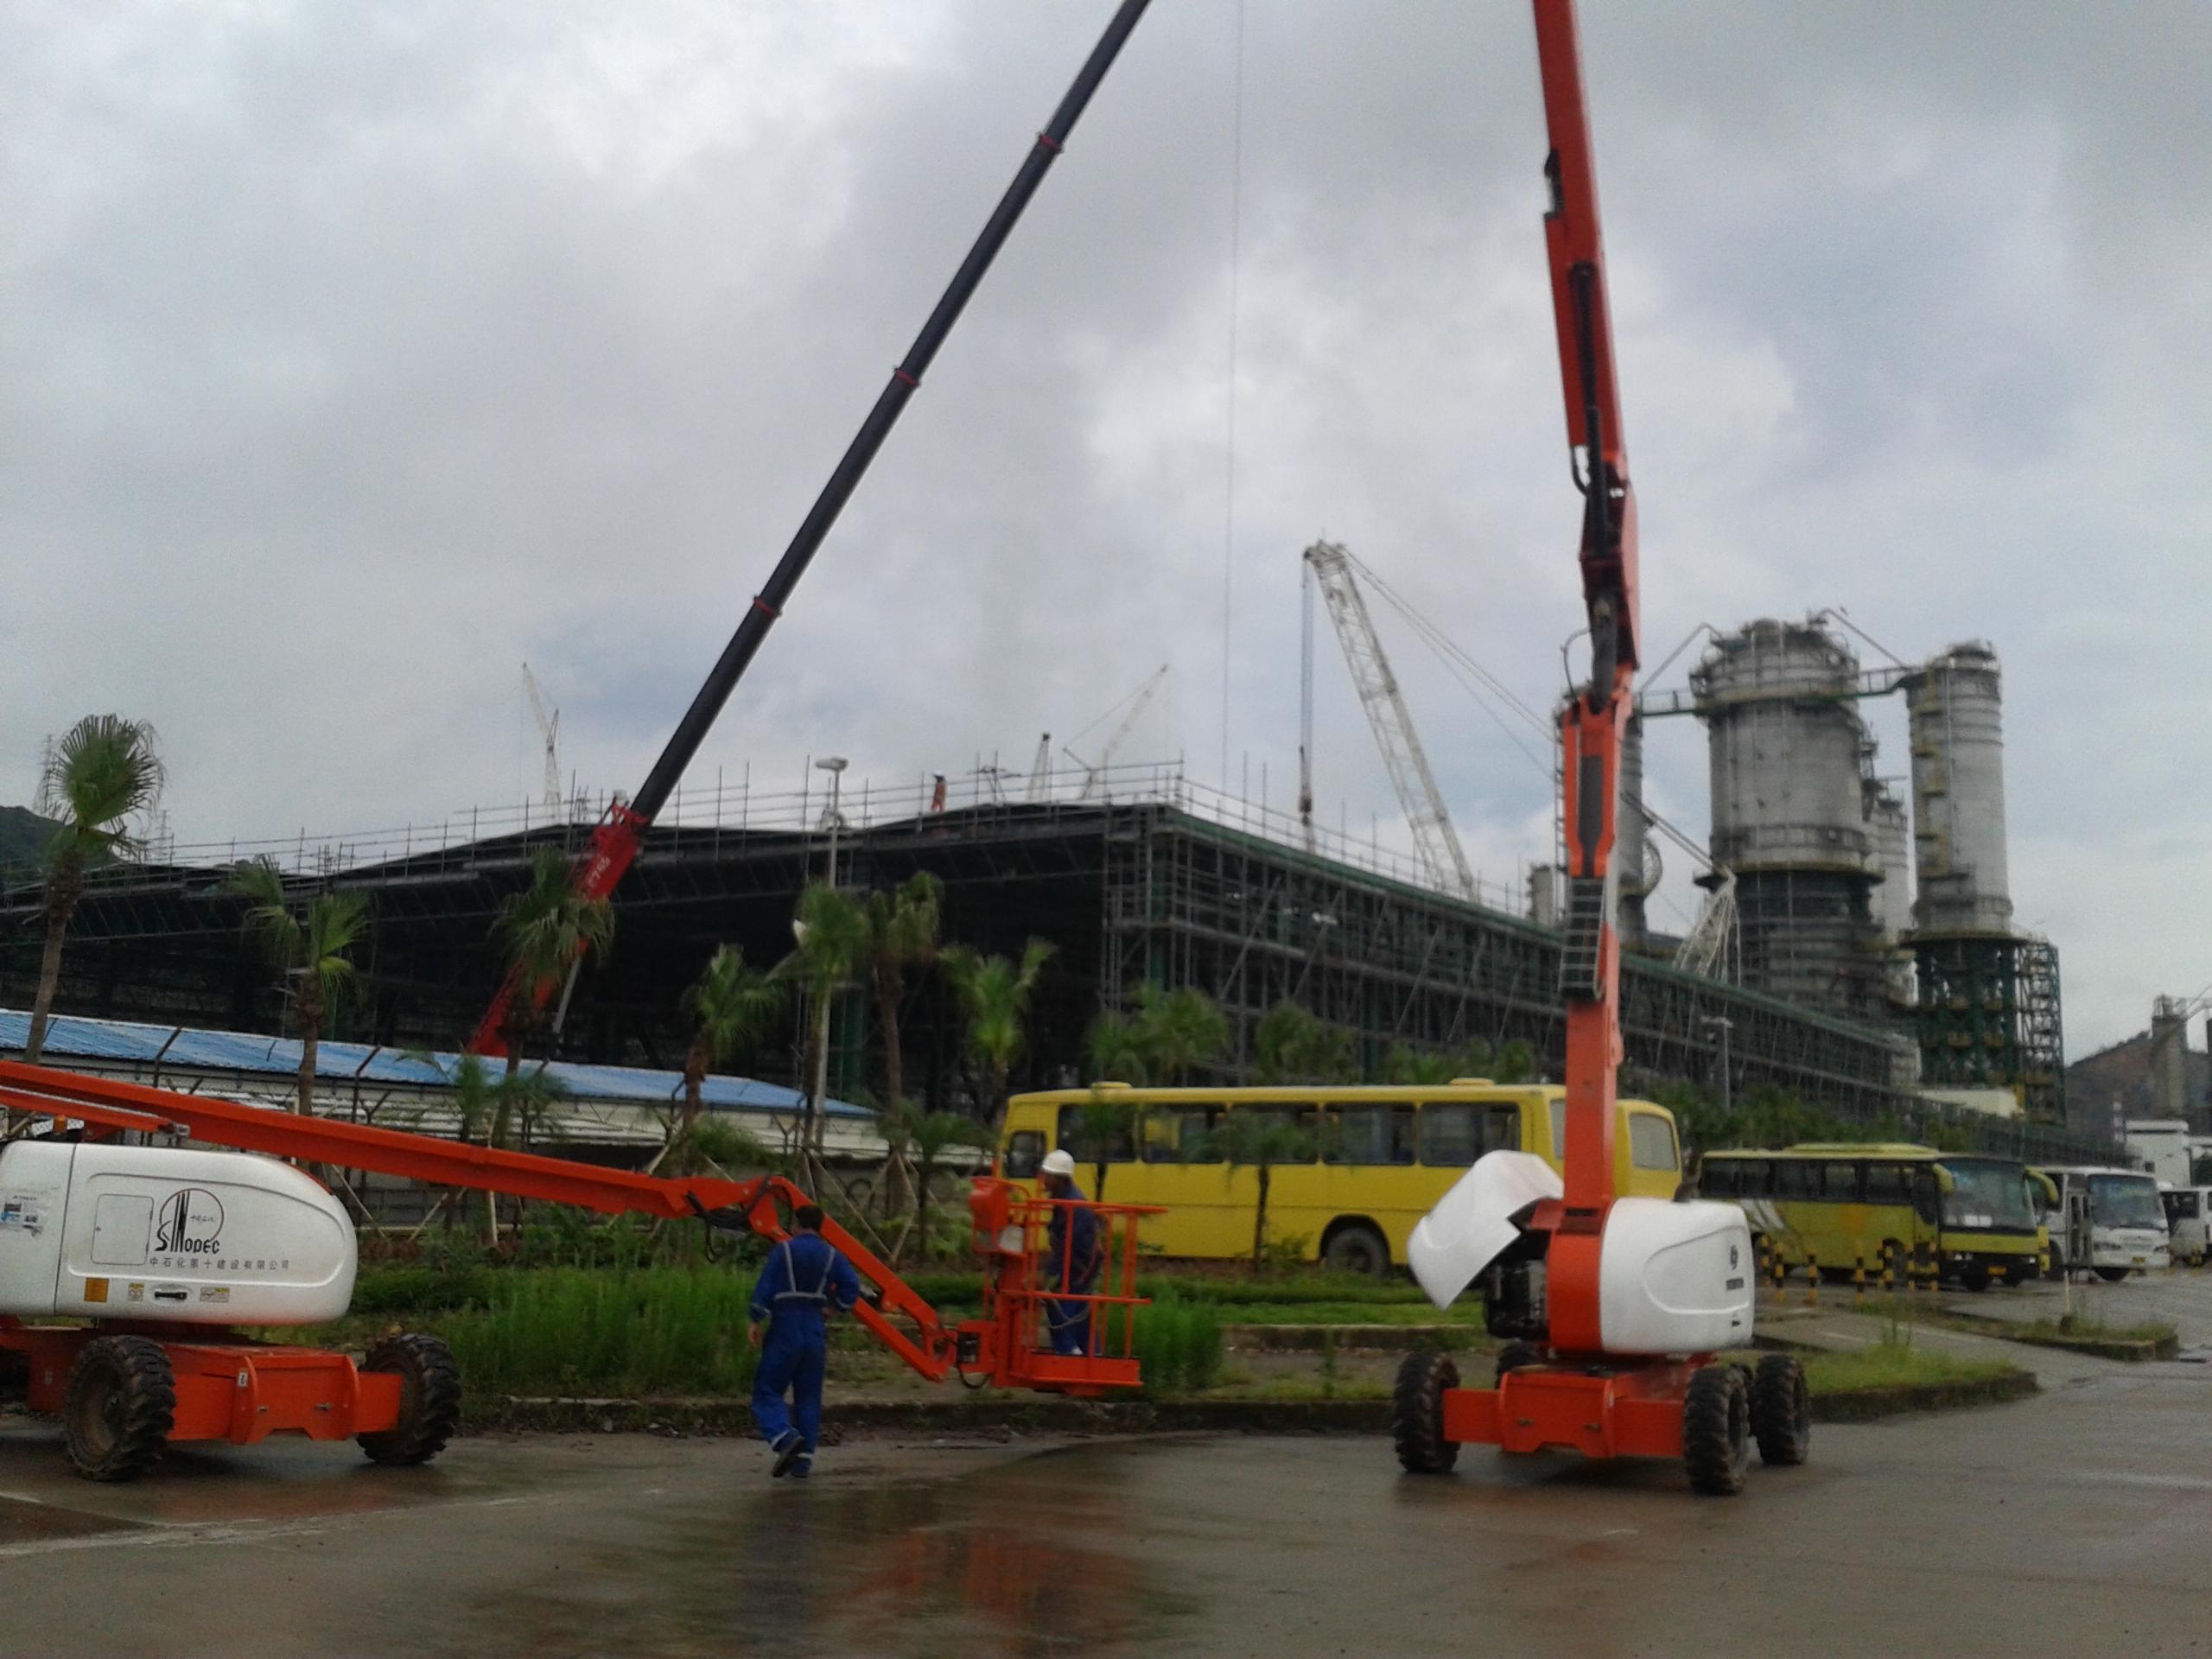 星邦重工GTZZ18J高空作业平台在珠海BP化工建设场地